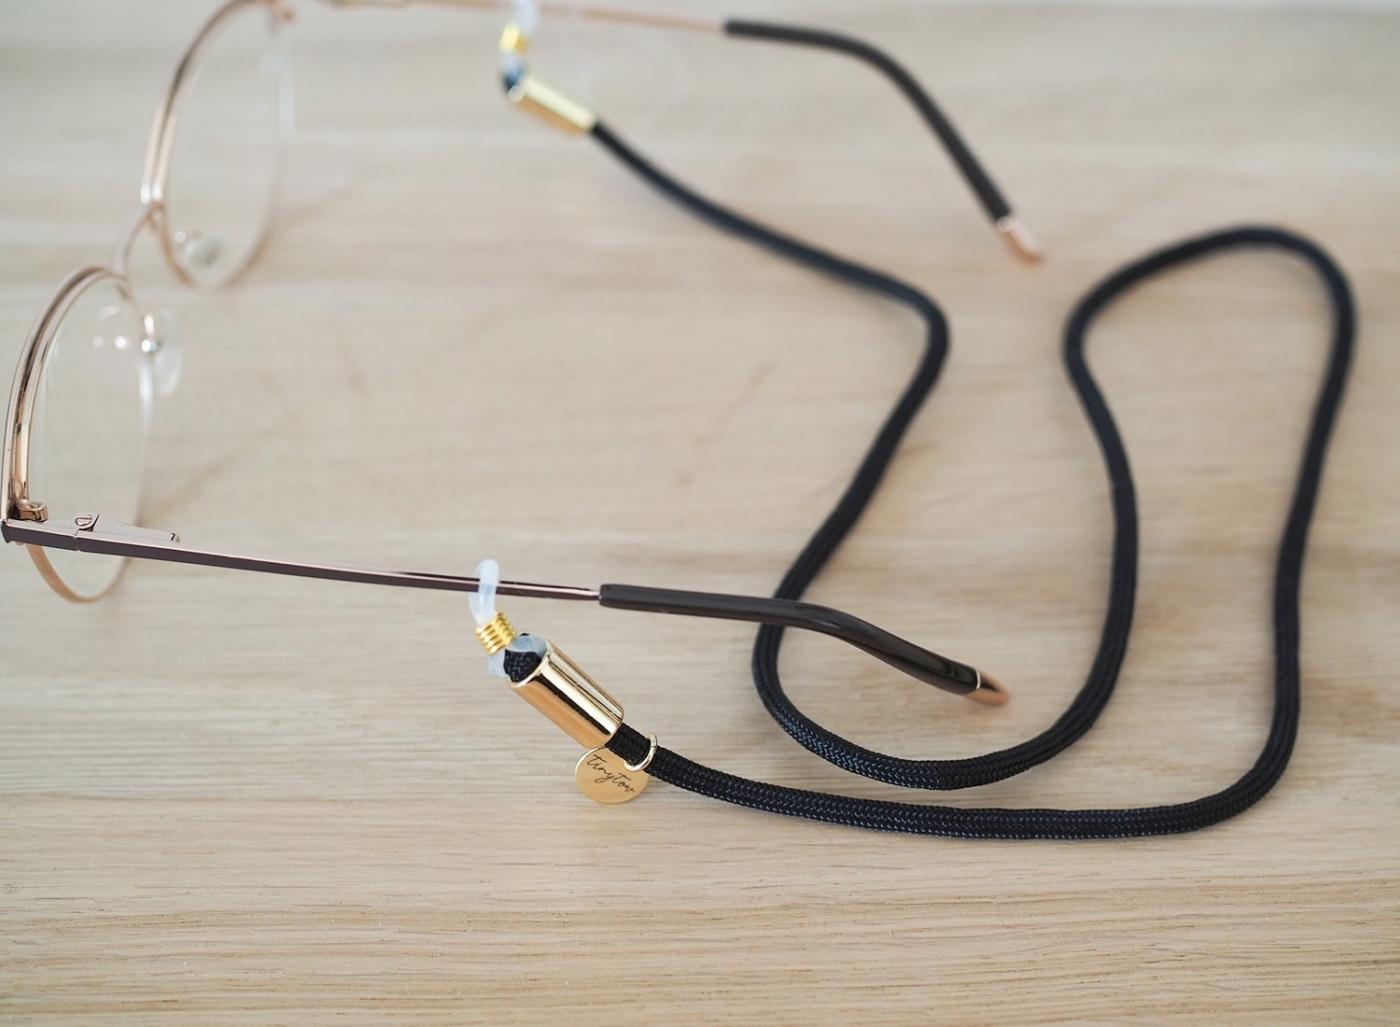 Brillenband Betty in schwarz mit verstellbaren Silikonschlaufen und goldenen Details